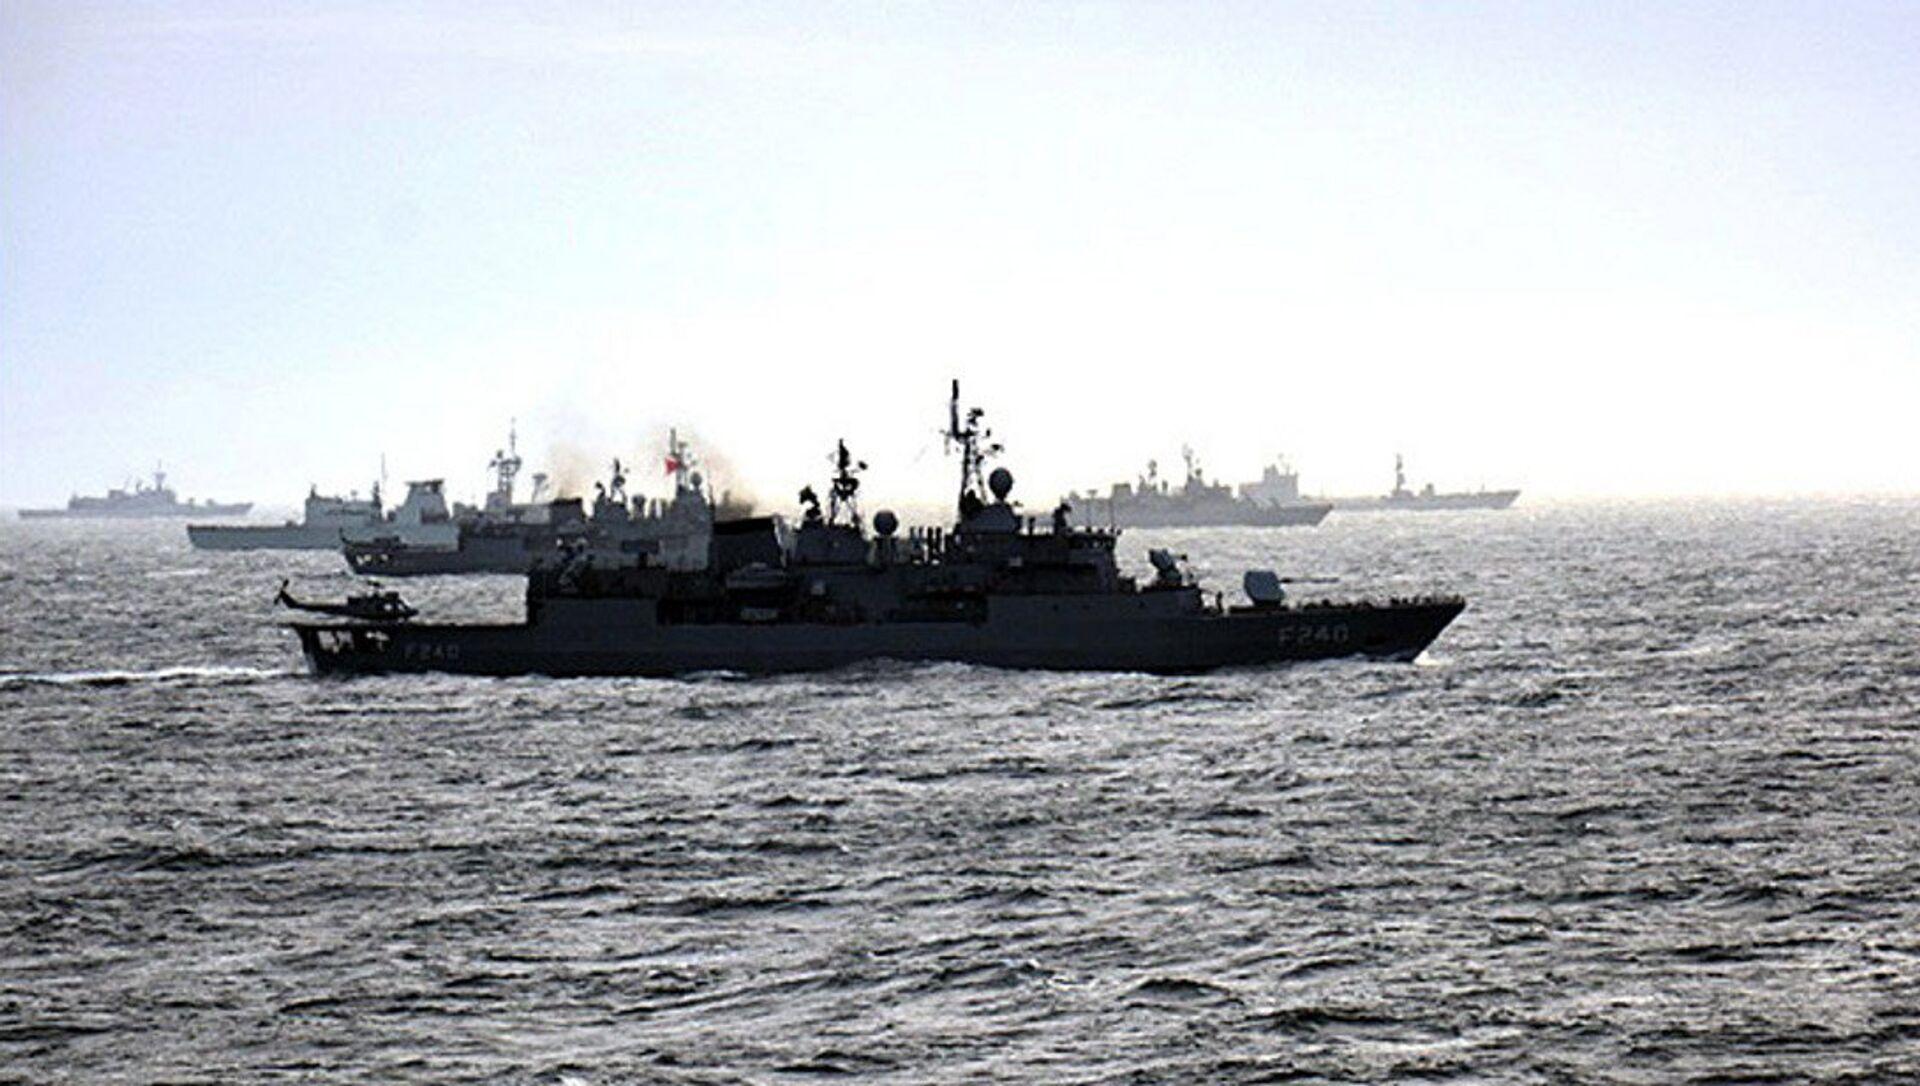 Karadeniz'de NATO tatbikatı - Sputnik Türkiye, 1920, 06.05.2021